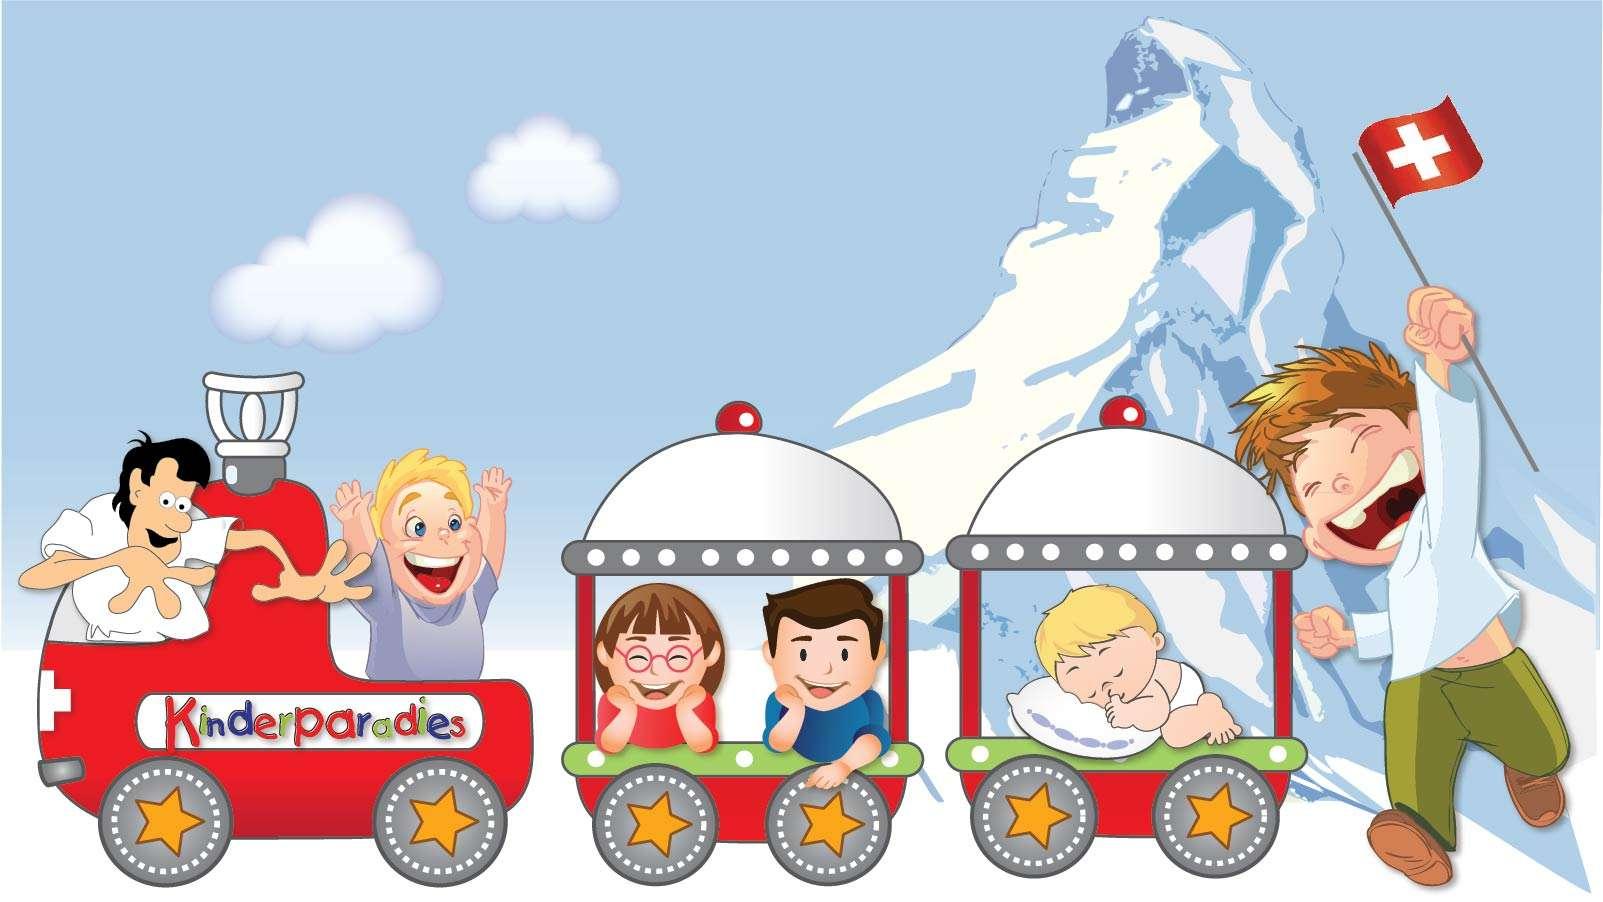 Visit The Kinderparadies Website